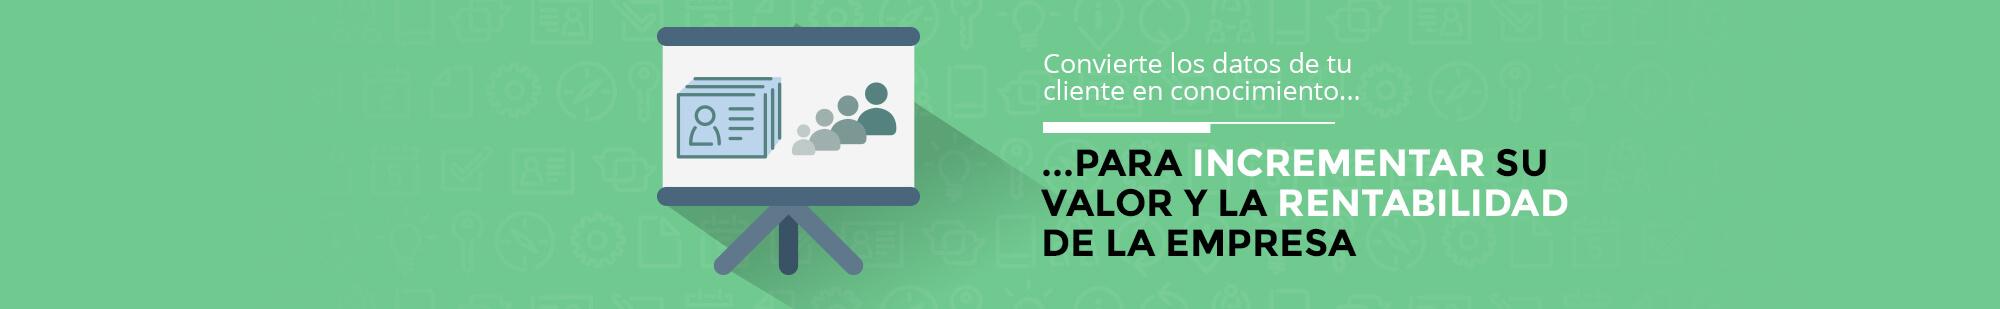 Curso Especializado Online de Datamining y Customer Intelligence